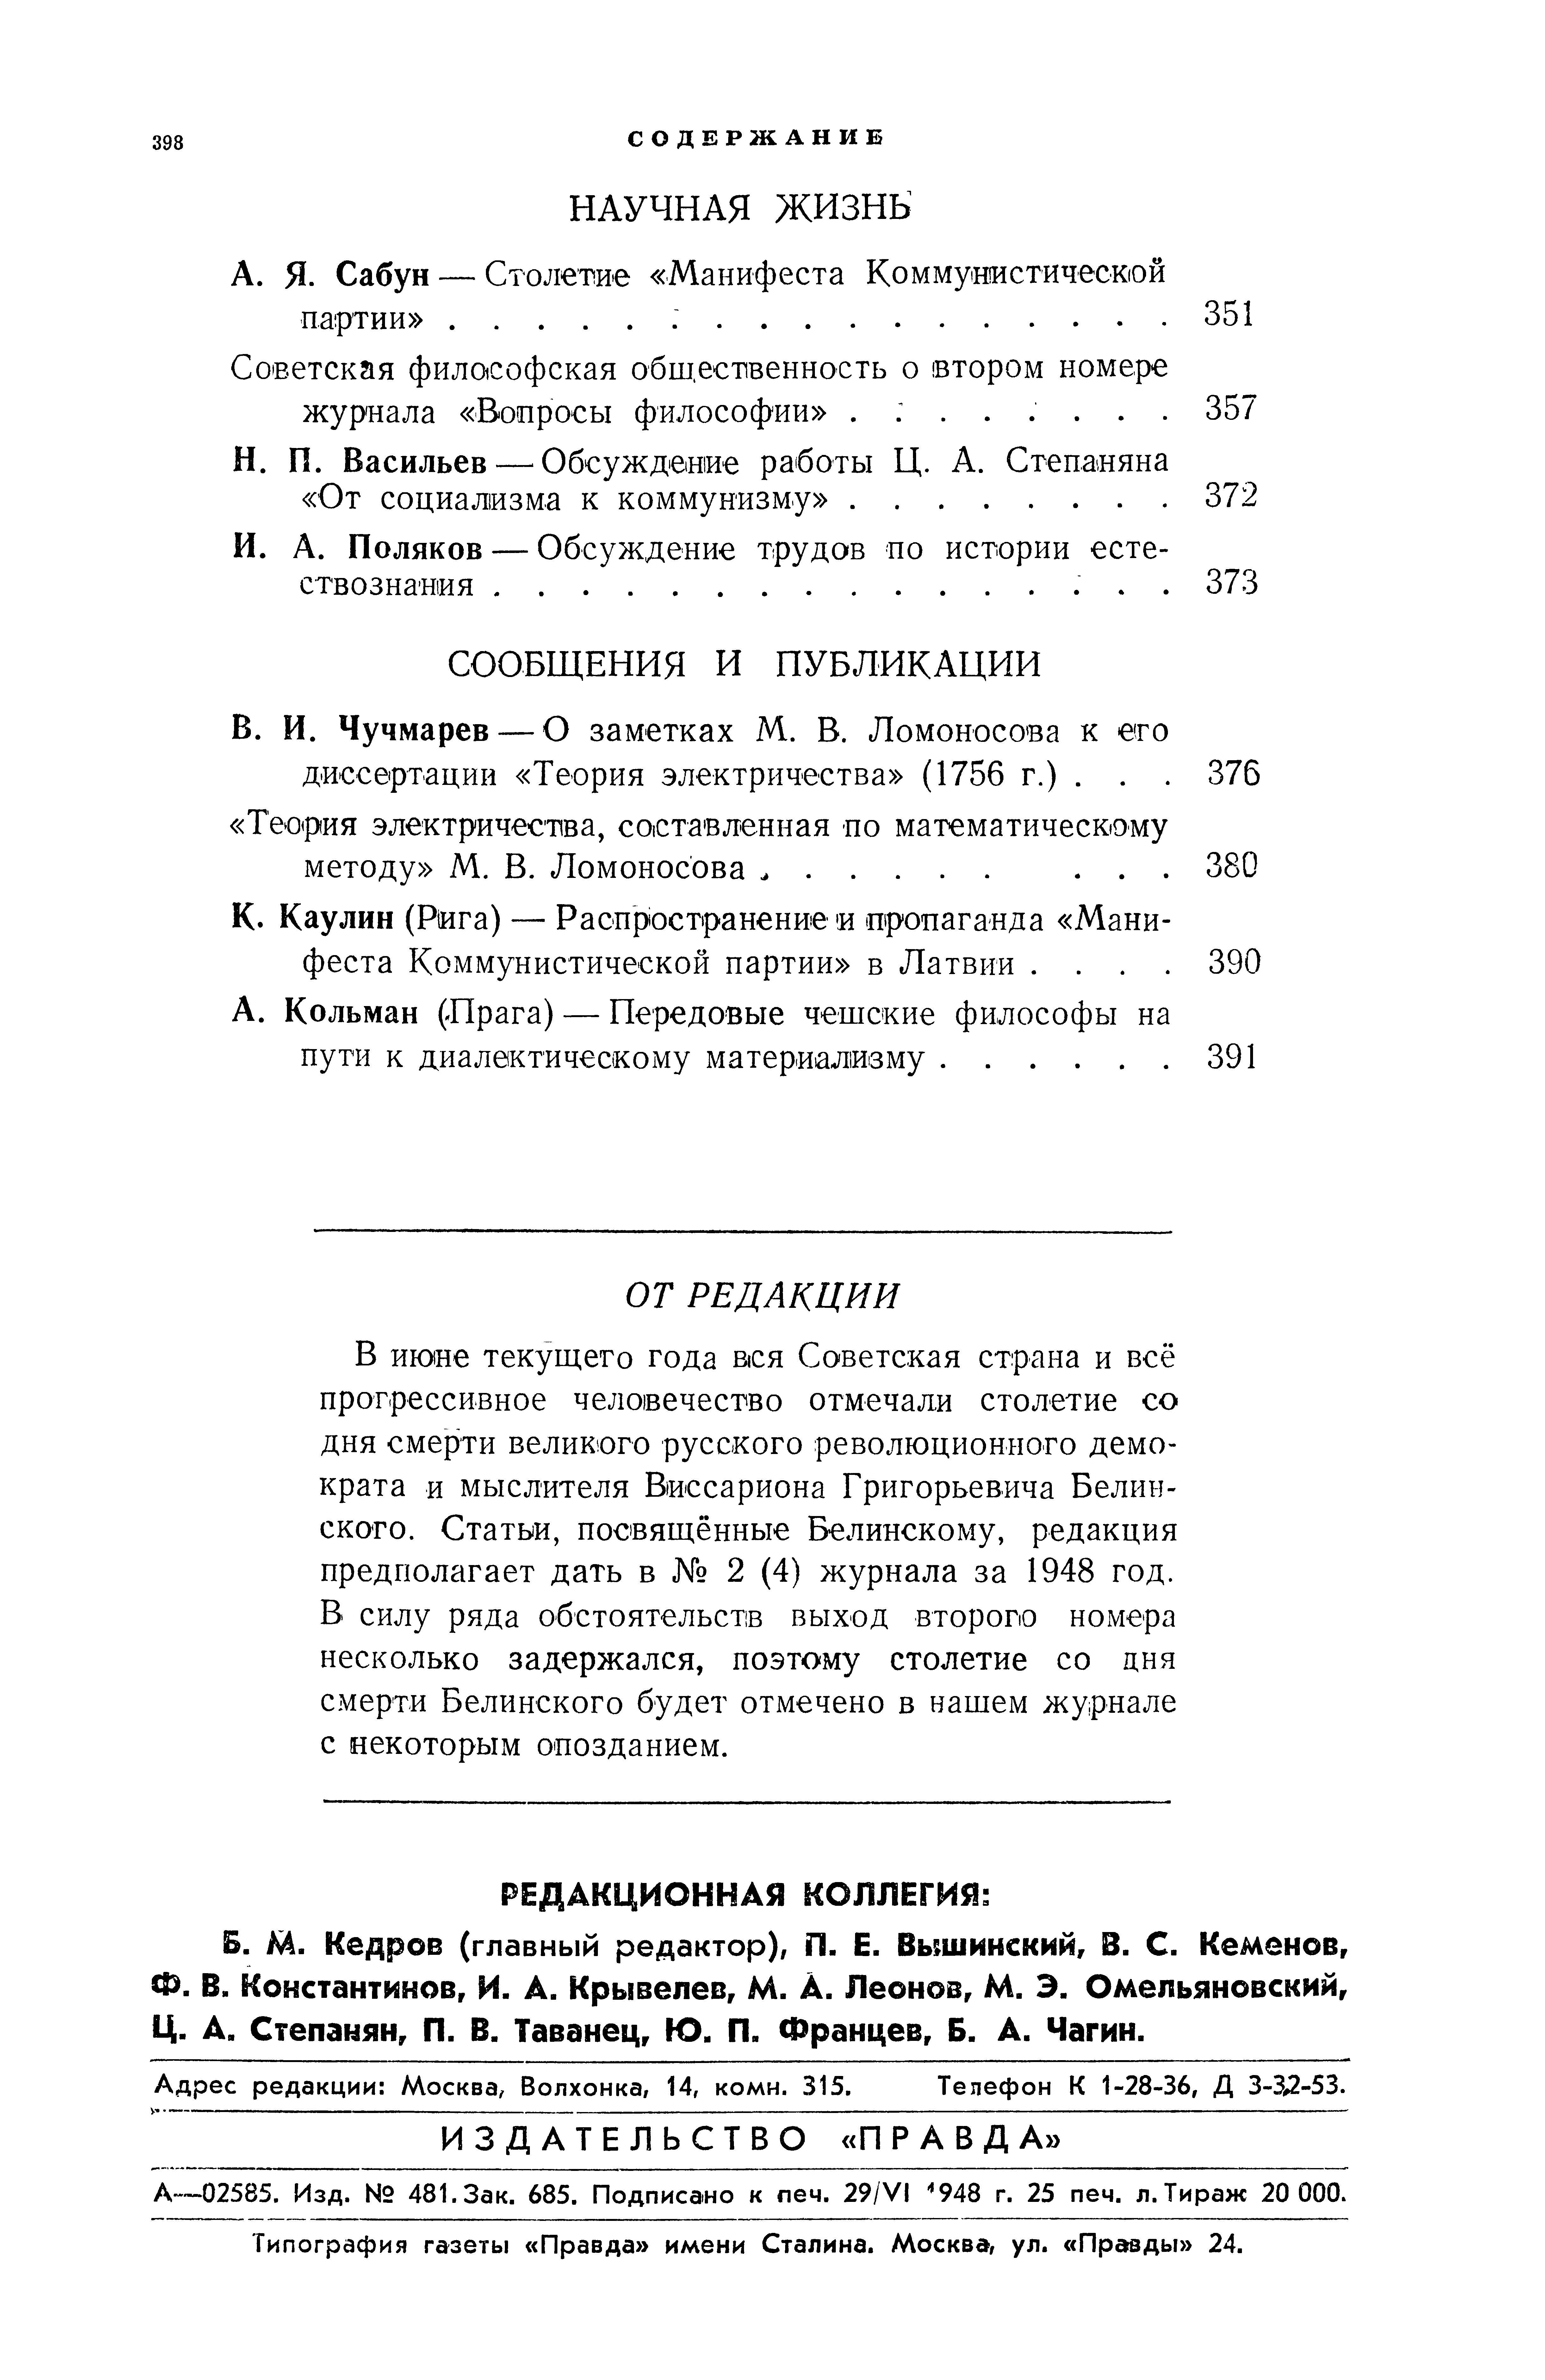 ВФ №1 - 1948_400